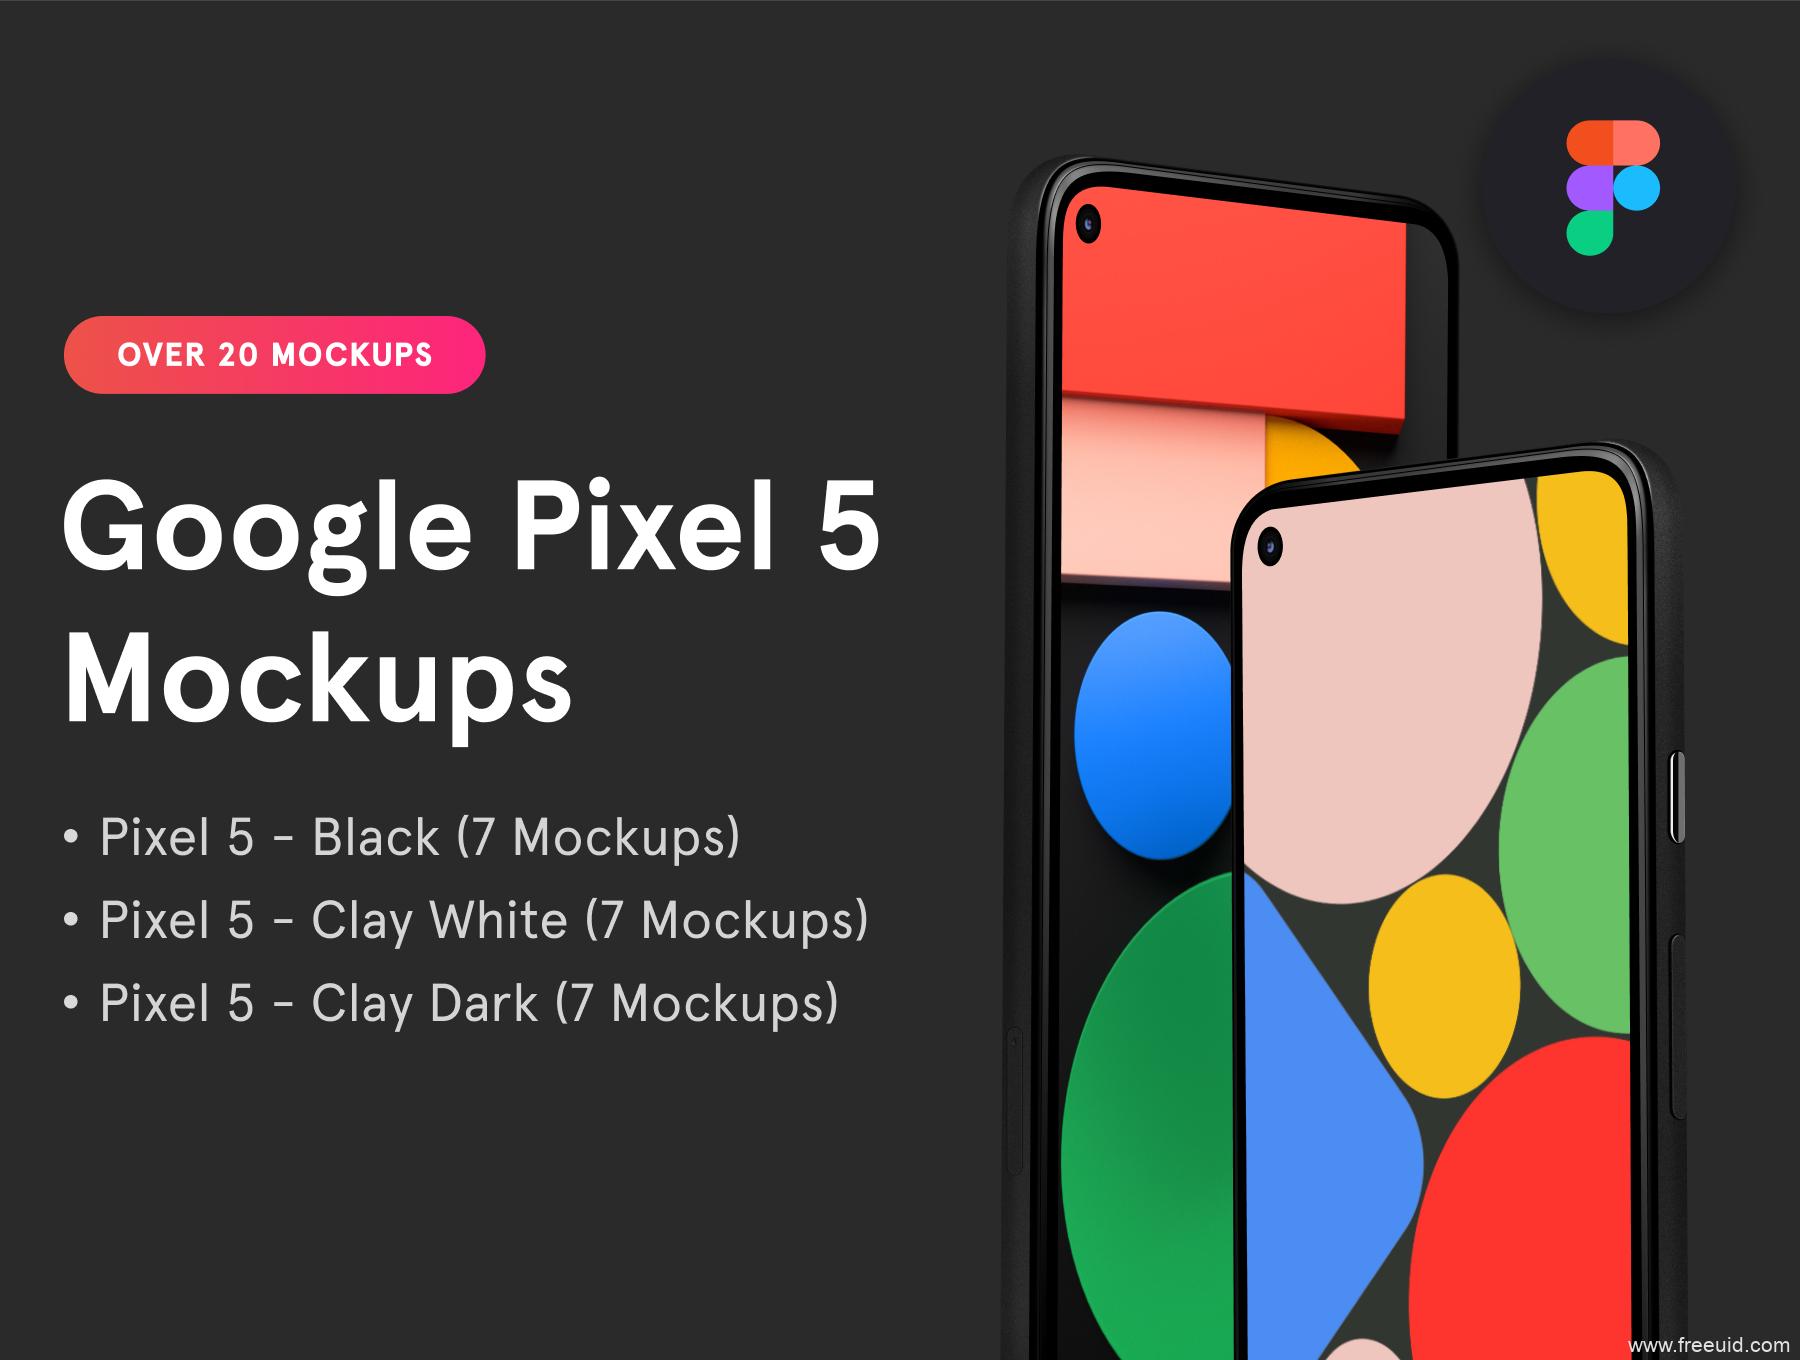 免费Google Pixel 5样机mockup模板,安卓手机样机mockup figma源文件